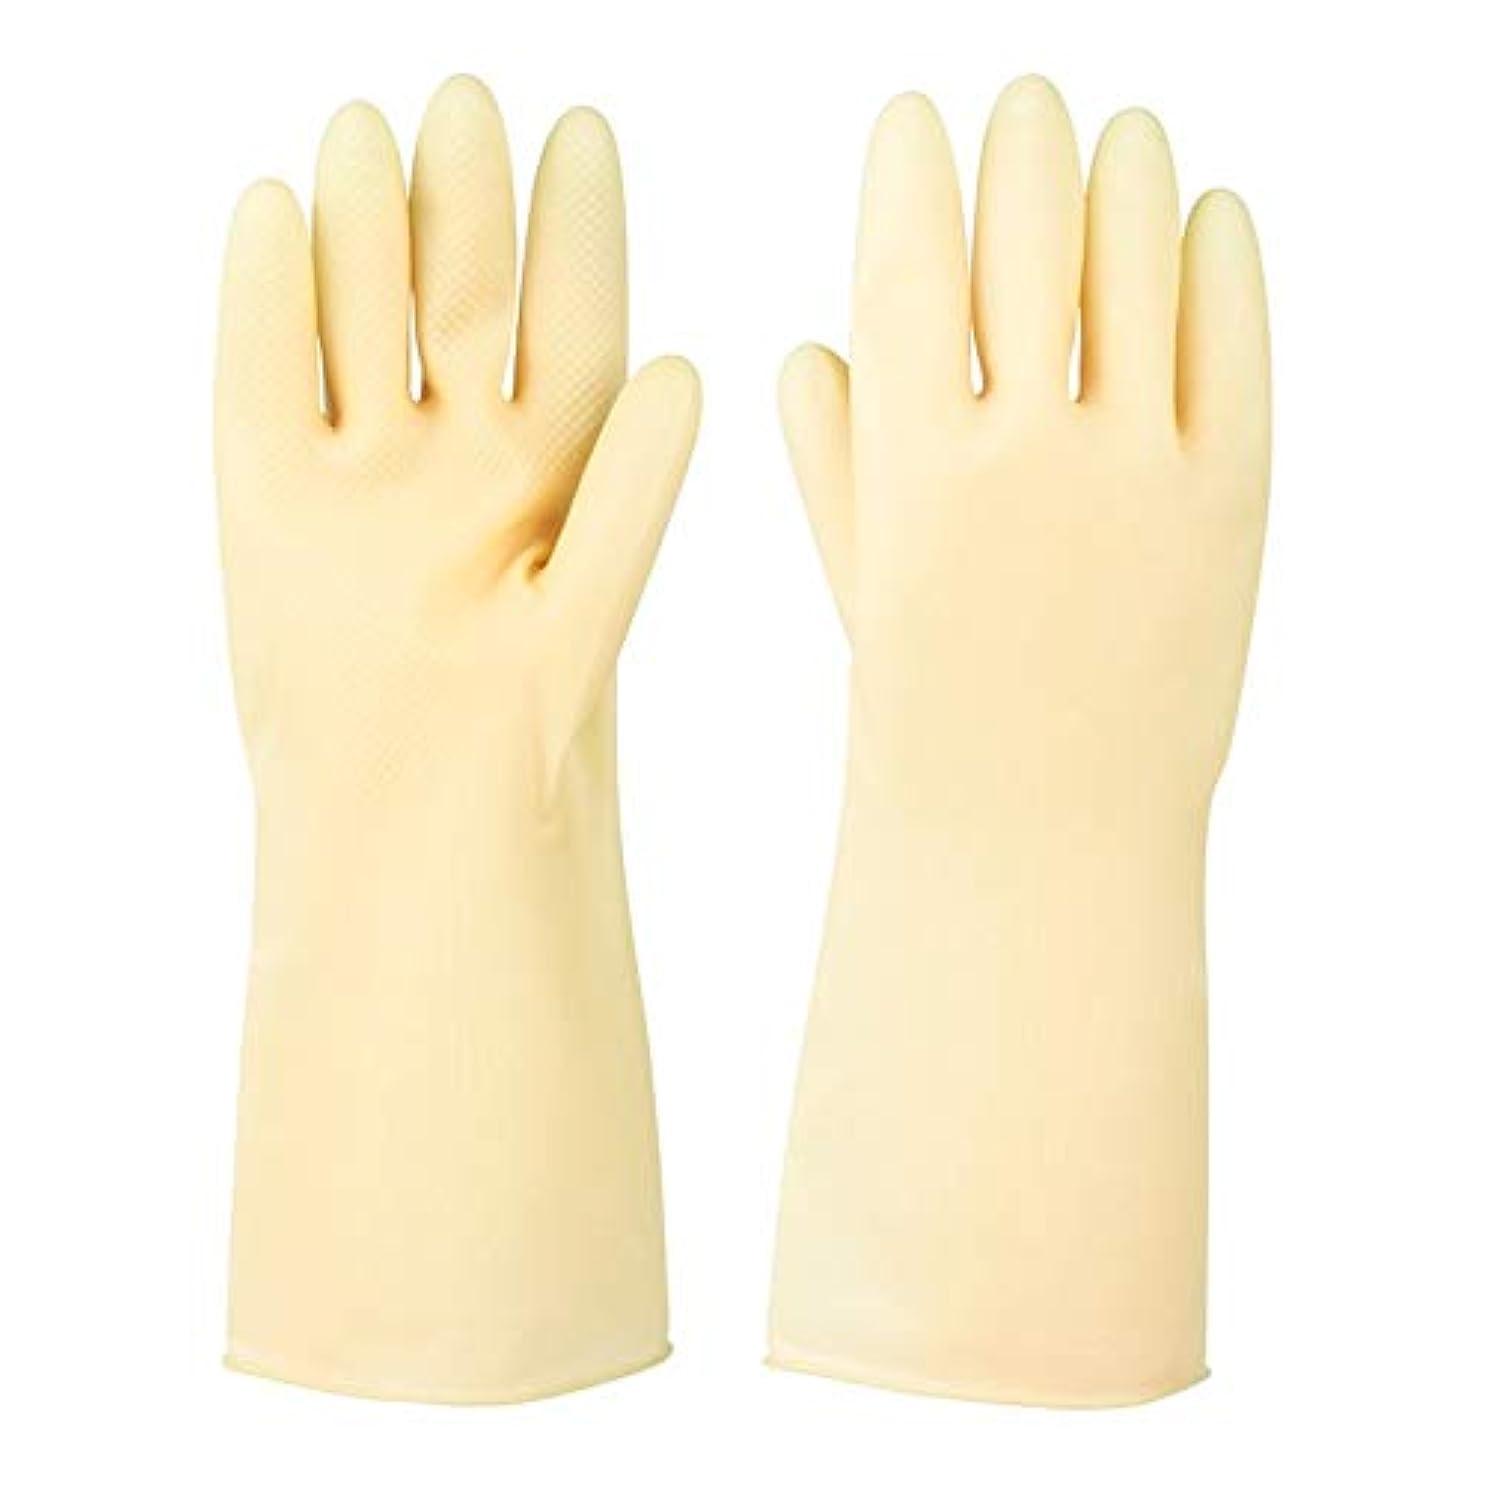 モナリザ失業者大宇宙使い捨て手袋 ラバーレザーグローブ厚めの滑り止め耐摩耗性防水保護手袋、5ペア ニトリルゴム手袋 (Color : 5 pair, Size : S)